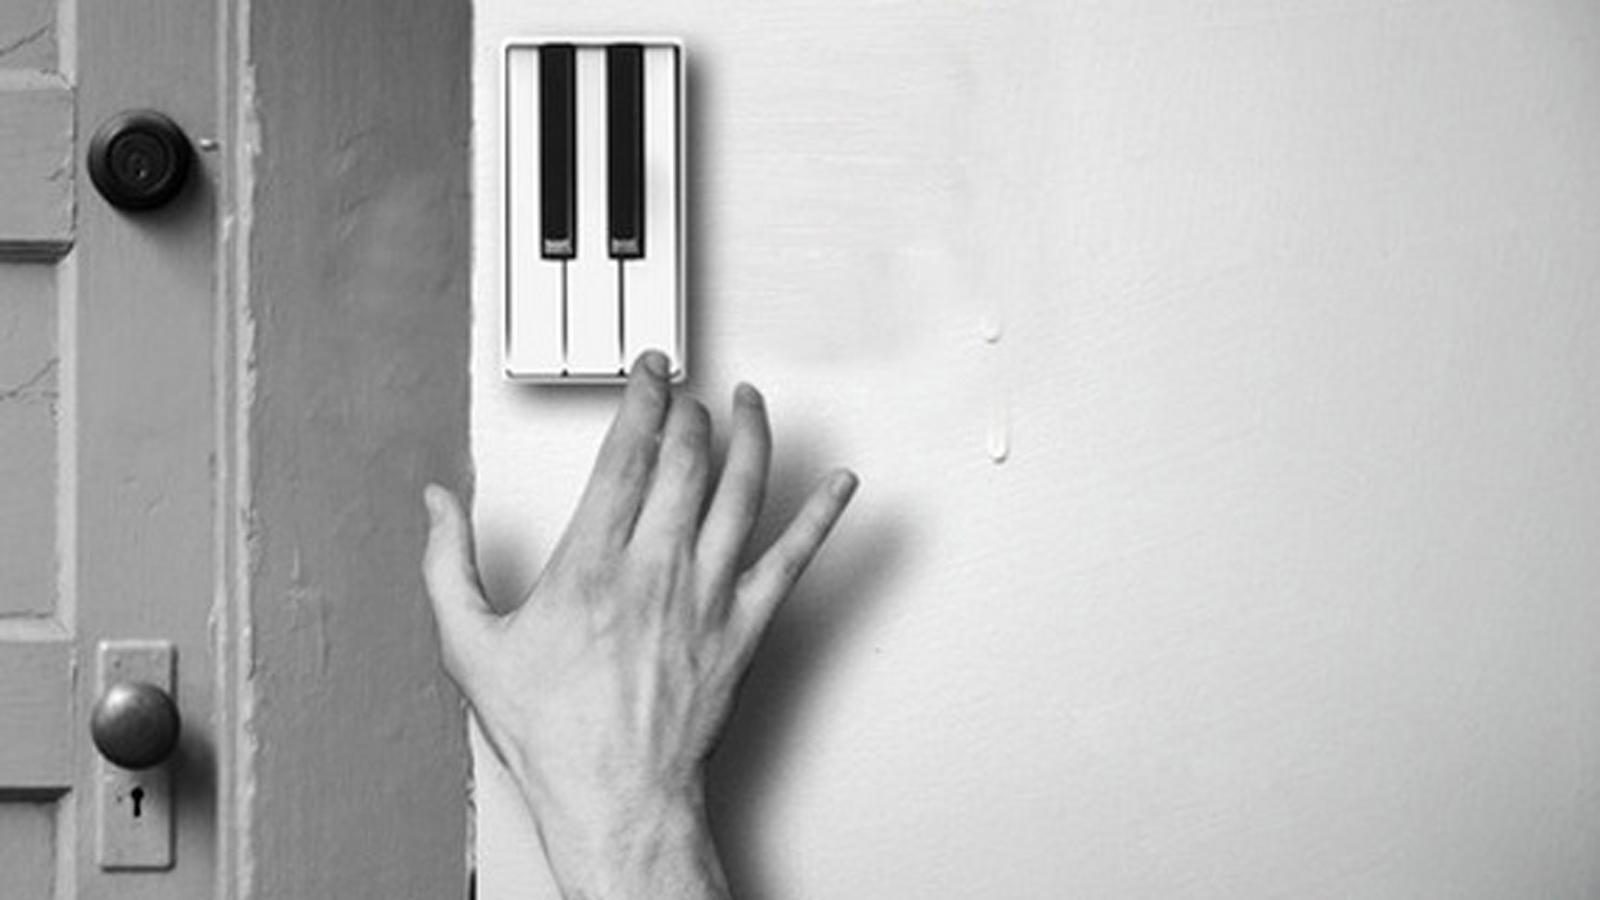 12. Timbre piano